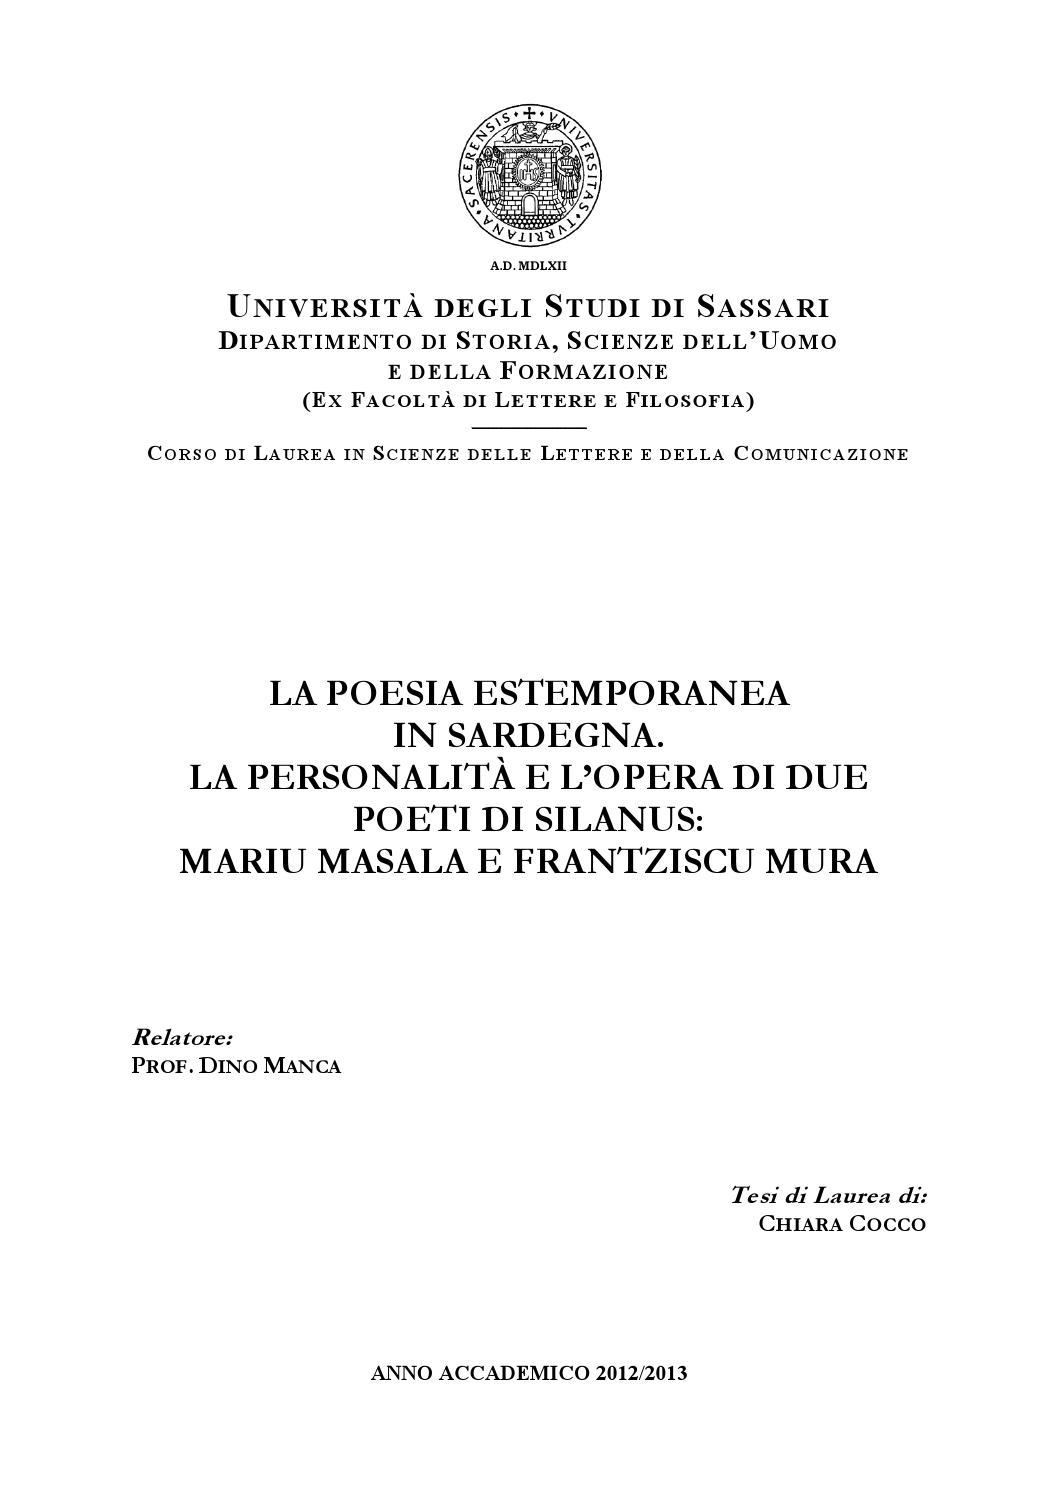 Poesie Di Natale In Sardo.La Poesia Estemporanea In Sardegna La Personalita E L Opera